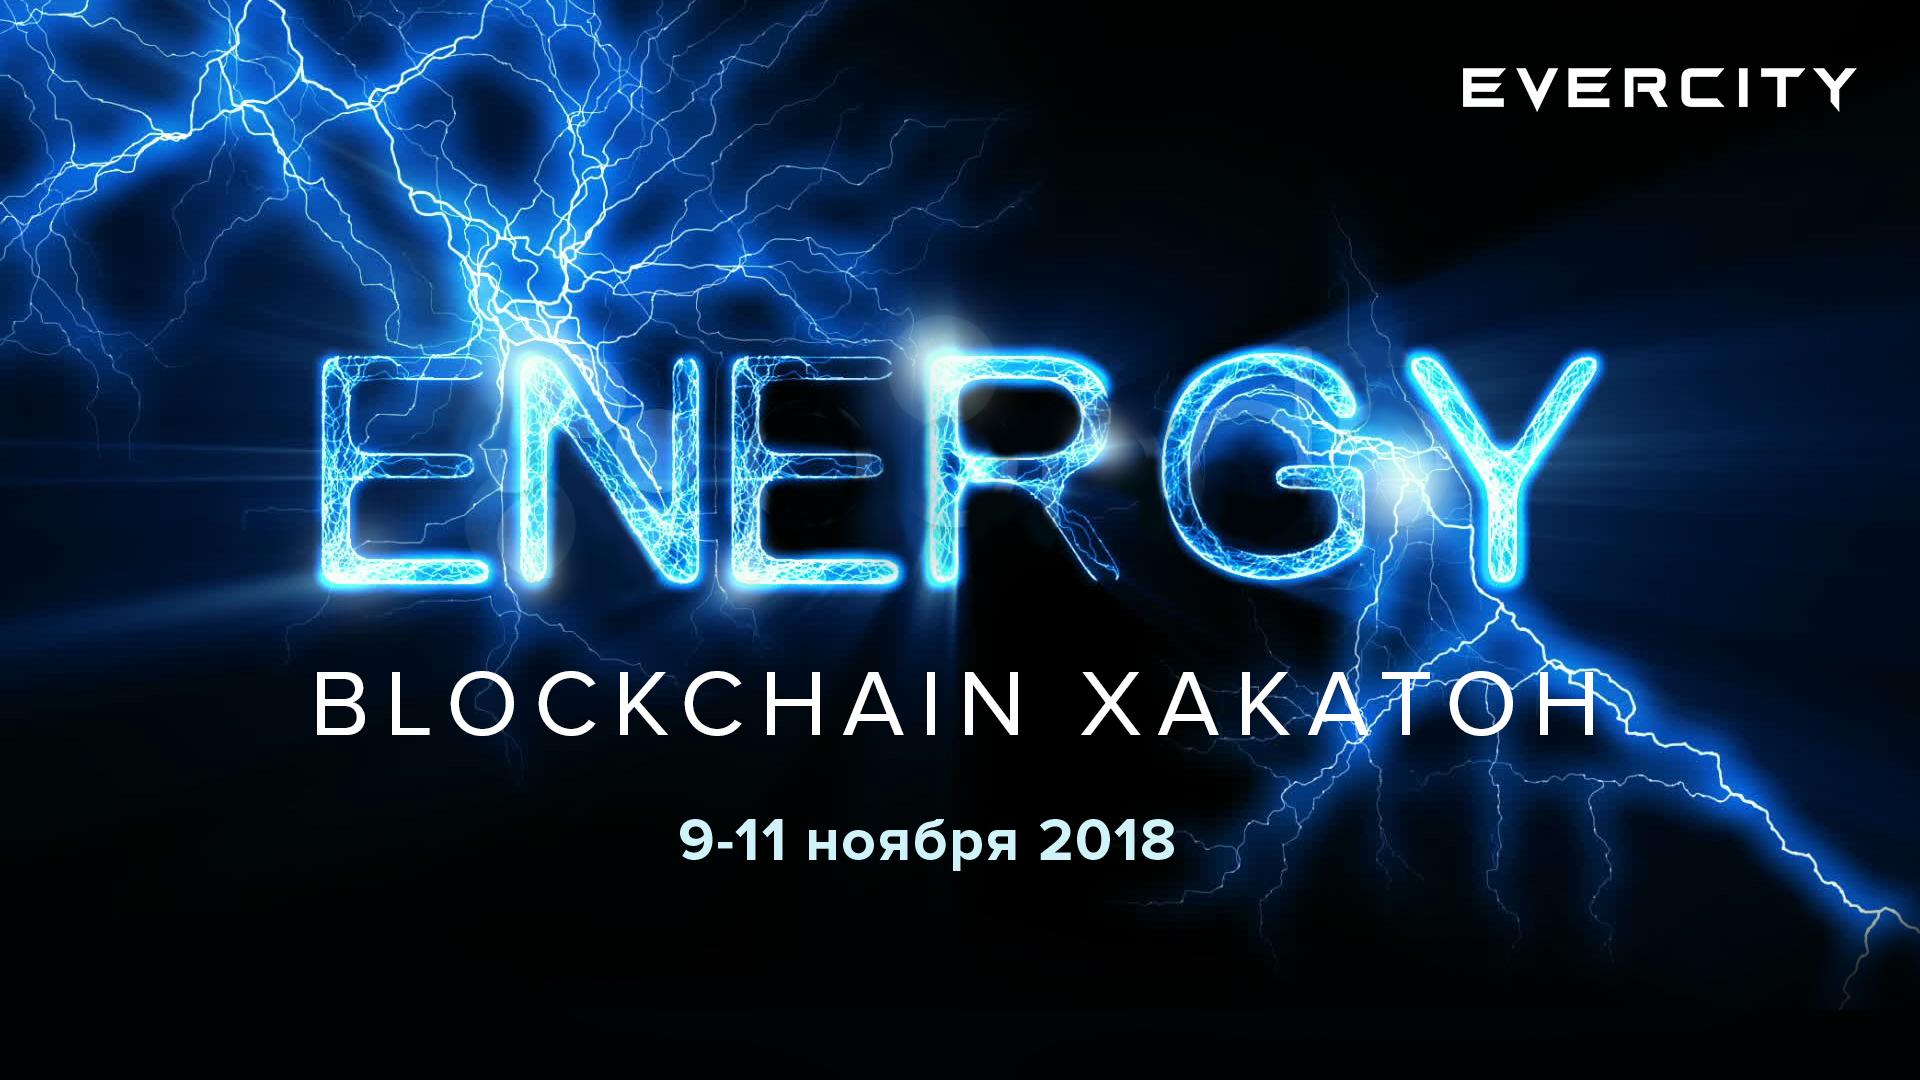 Первый в России блокчейн-хакатон по решению проблем рынка энергетики